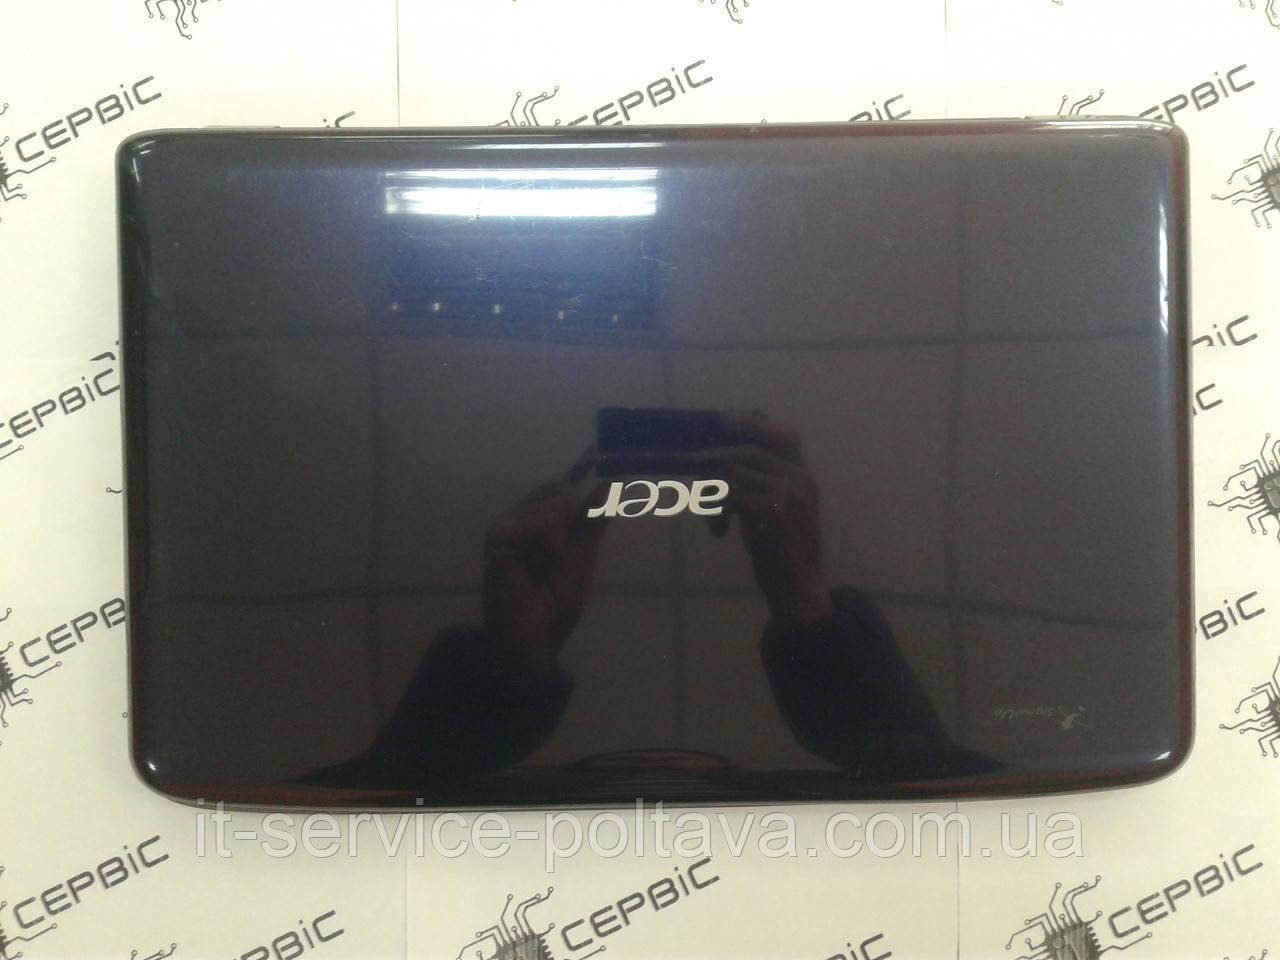 Корпус ноутбука Acer Aspire 5542